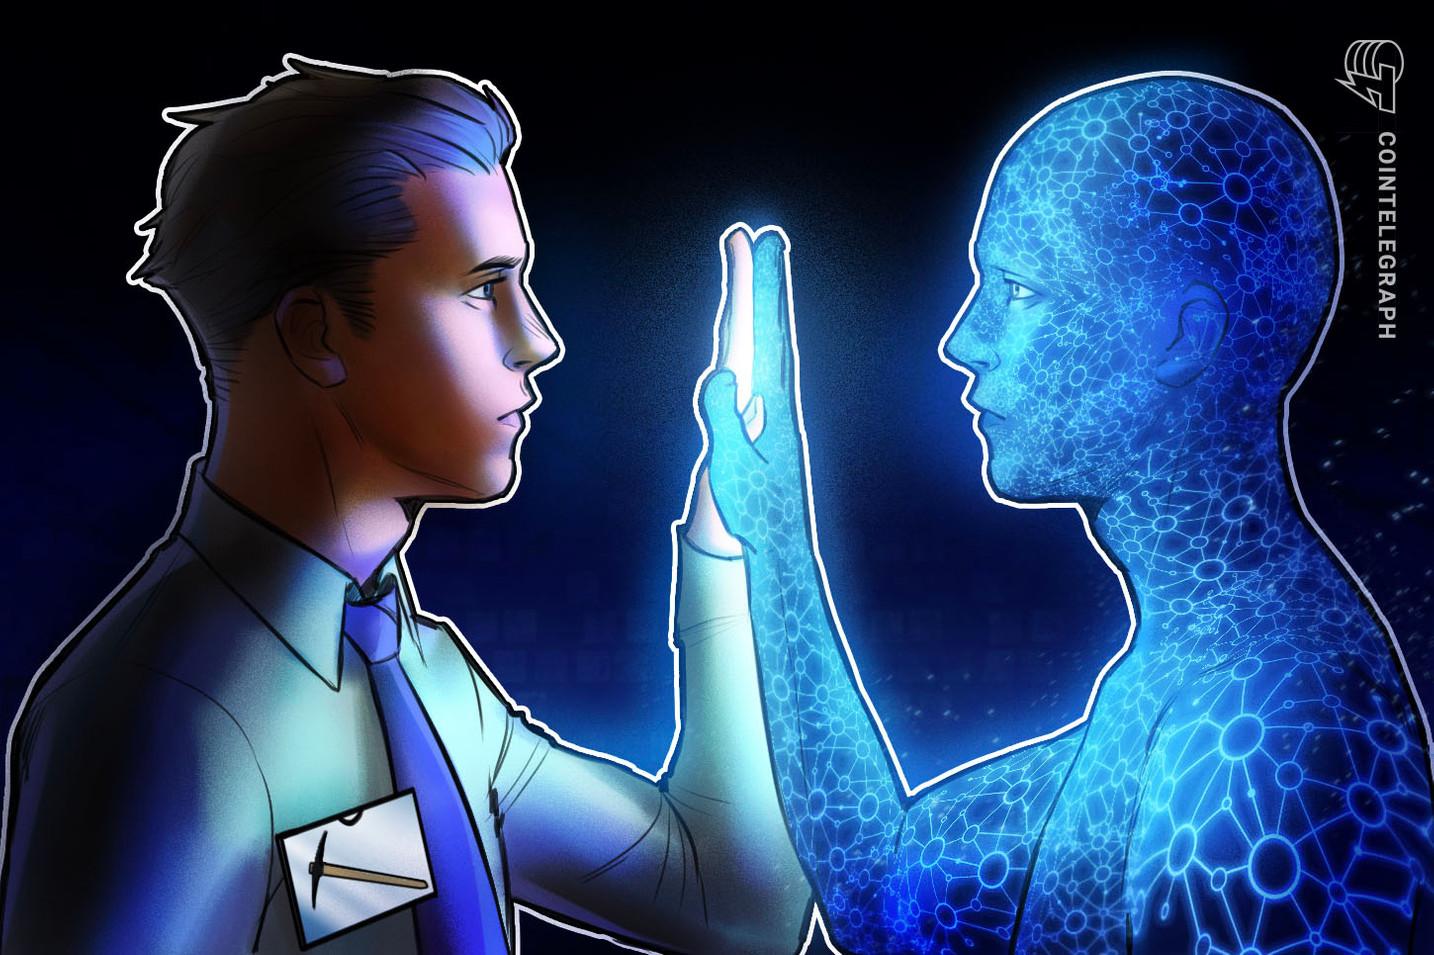 Pesquisa mostra aumento na busca por profissionais de blockchain no Brasil; advogados lideram